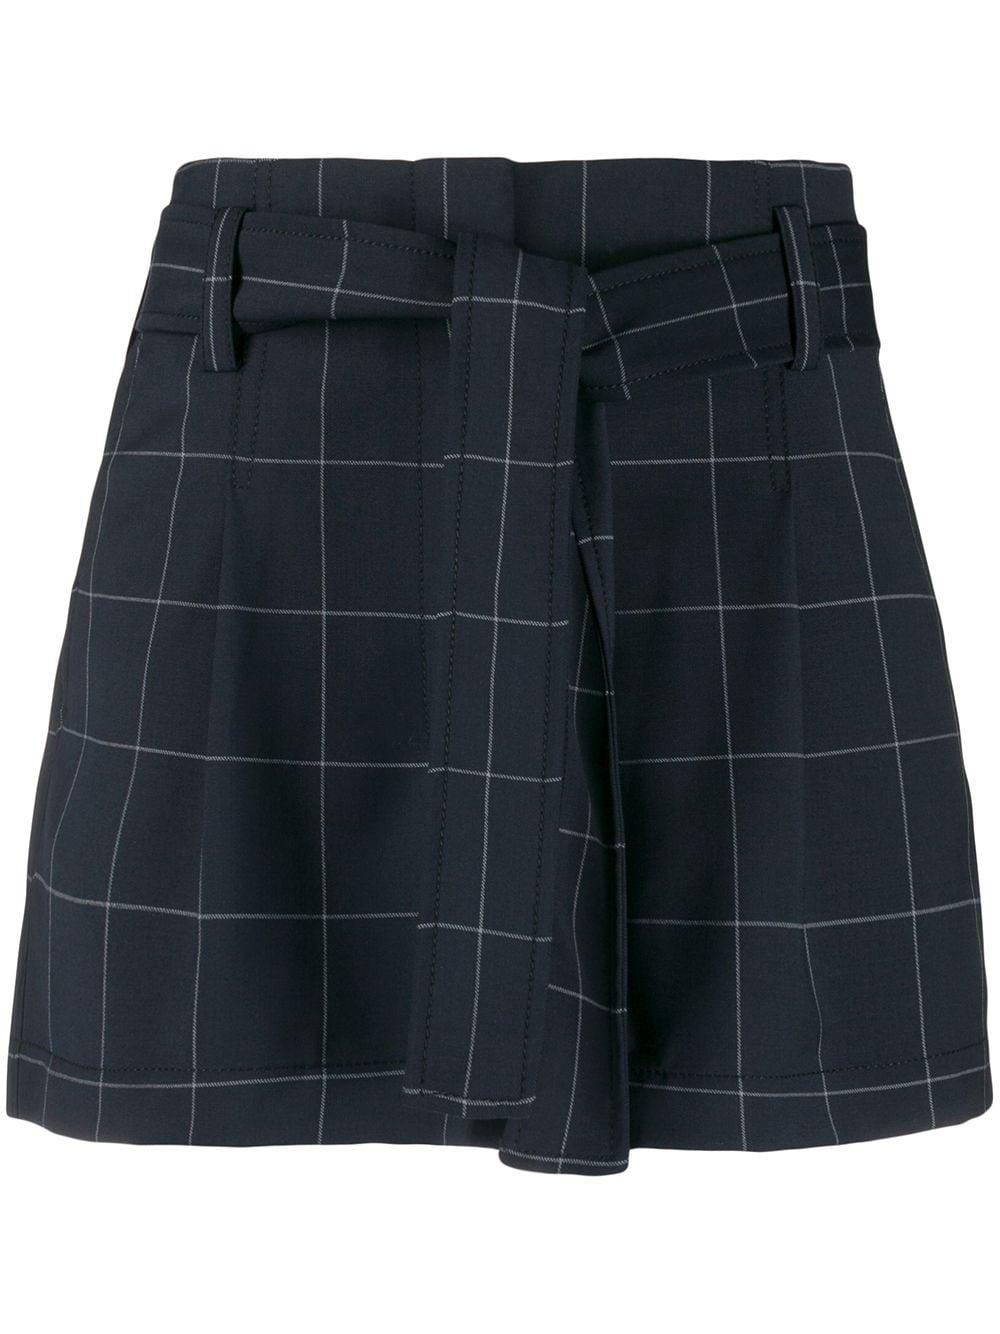 3.1 PHILLIP LIM Shorts 3.1 PHILLIP LIM | Shorts | E2015413WDPMI014